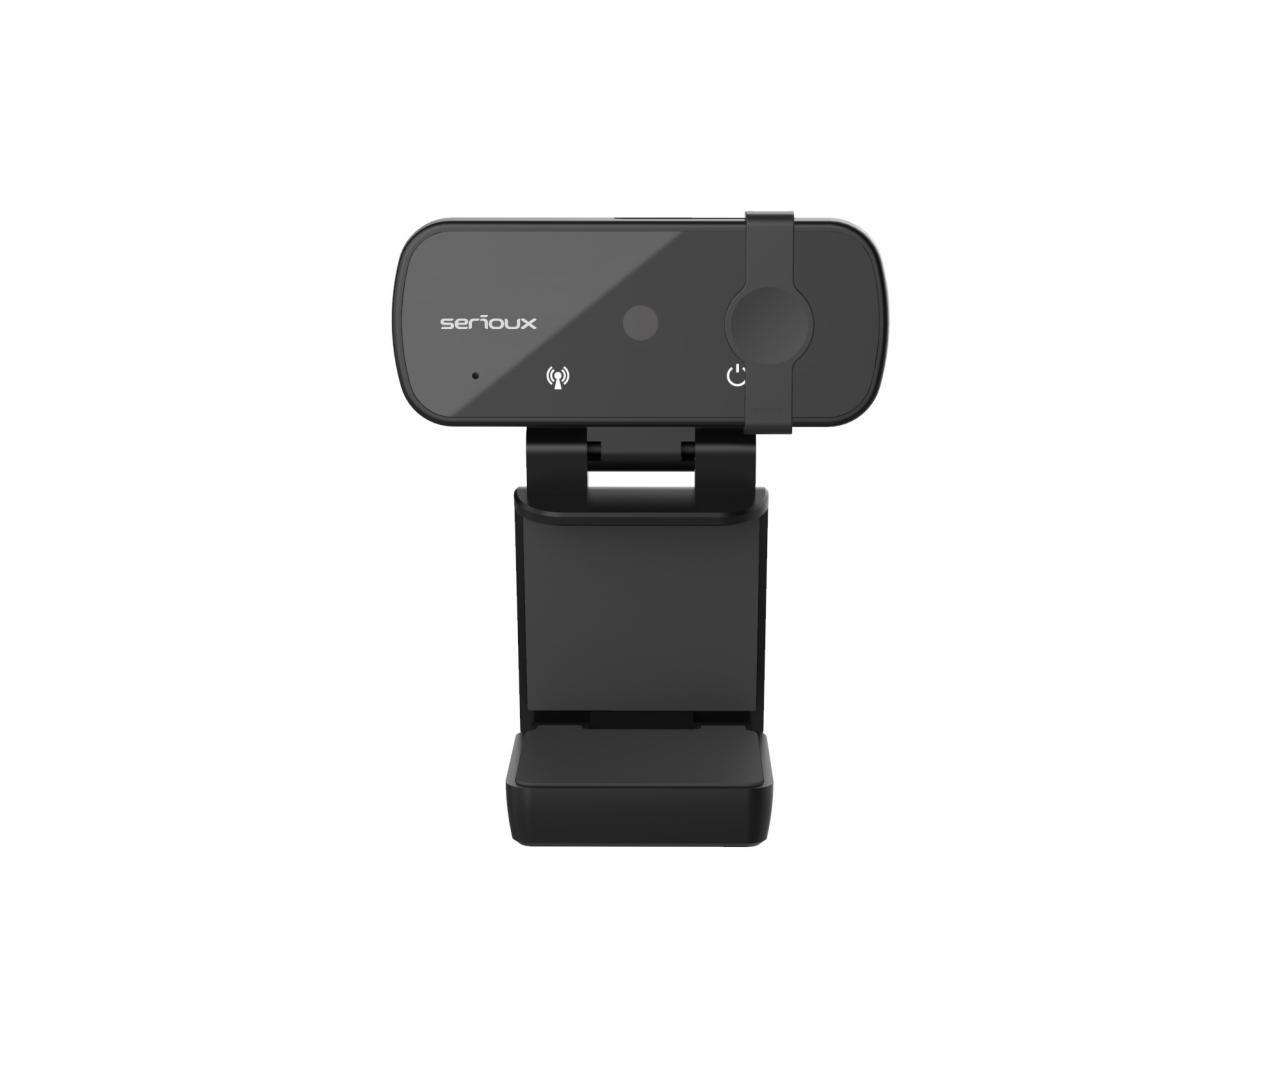 Camera web Serioux Full HD 1080p, chipset Sunplus2381+F23, microfon incorporat, rata cadre 30fps, rezoluție maximă video 1920*1080, format video MJPG / YUY2, senzor CMOS HD 2.0 Mega pixeli pentru imagine, tipul focalizării autofocus, control automat saturație, contrast, acutanță, echilibru de alb - imaginea 4